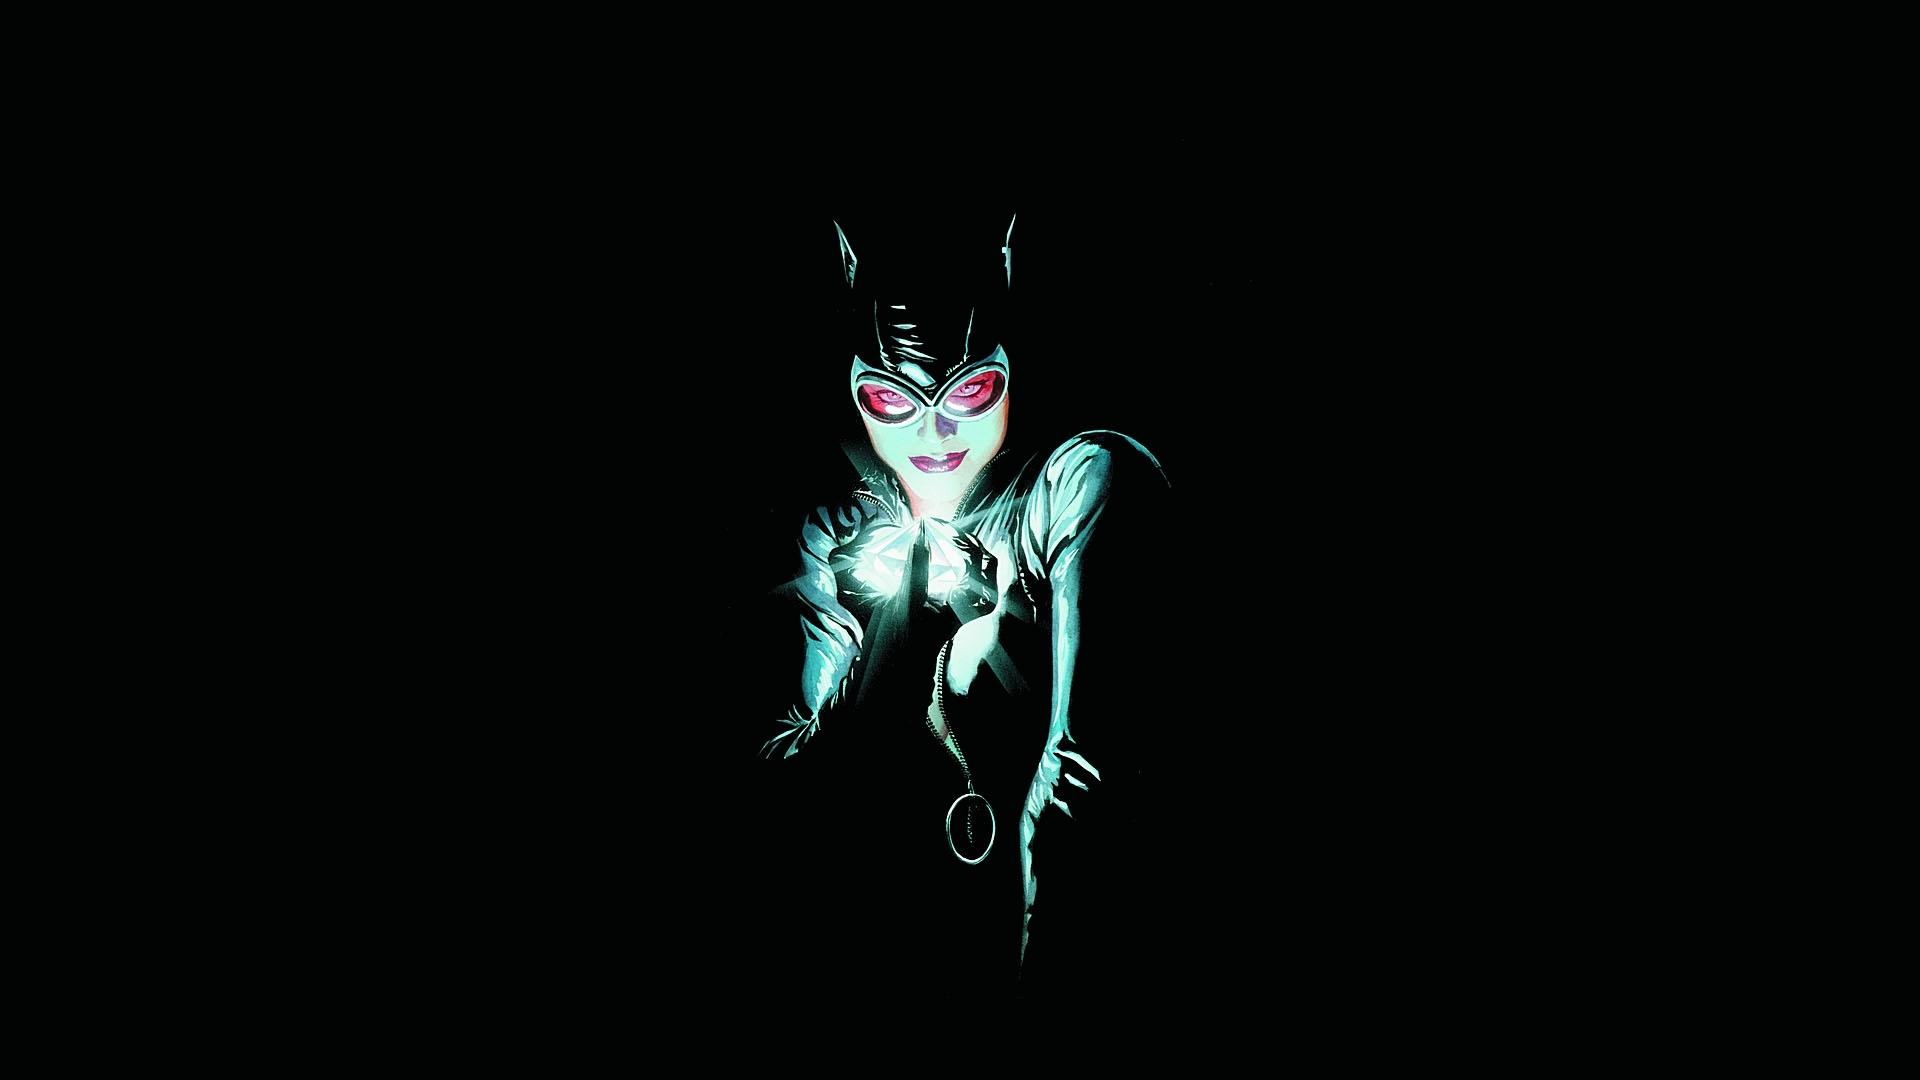 Comics   Catwoman Wallpaper 1920x1080